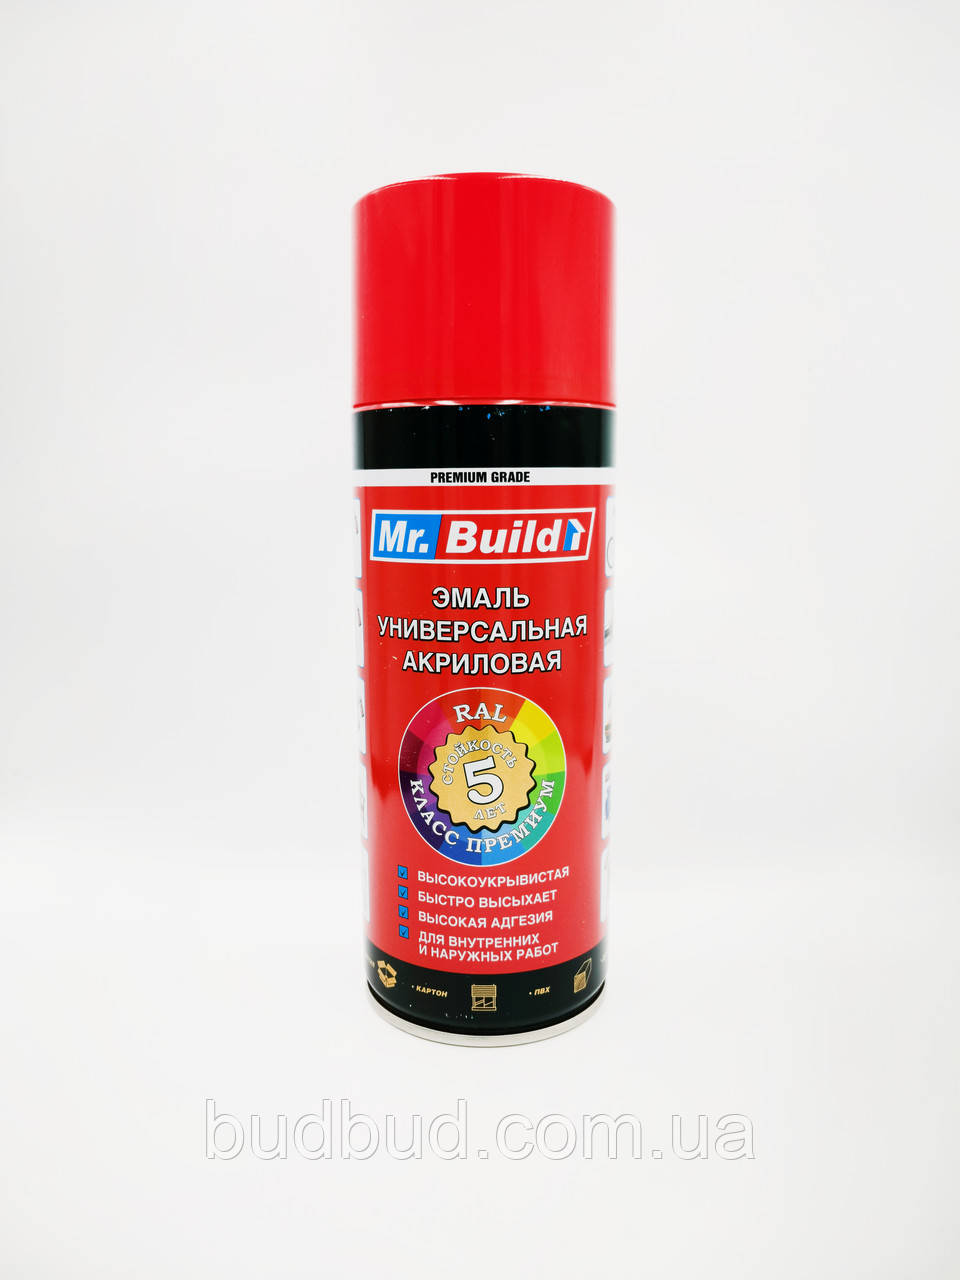 Спрей фарба Ral 3020 Mr.Build №04 червона 400 мл